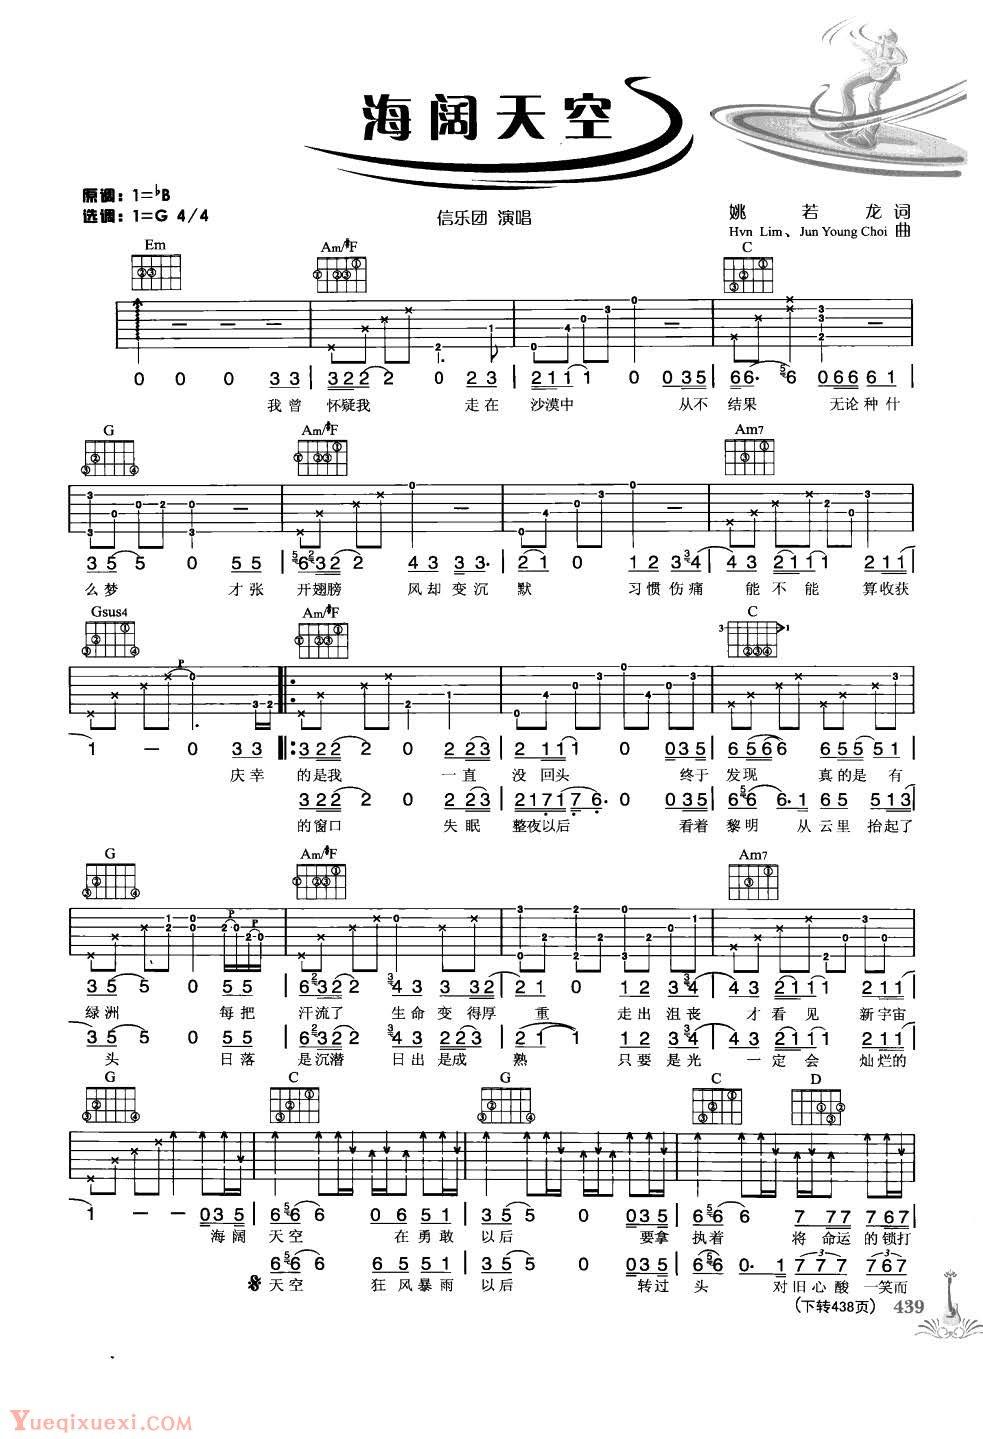 海阔天空 吉他谱 - 第1张